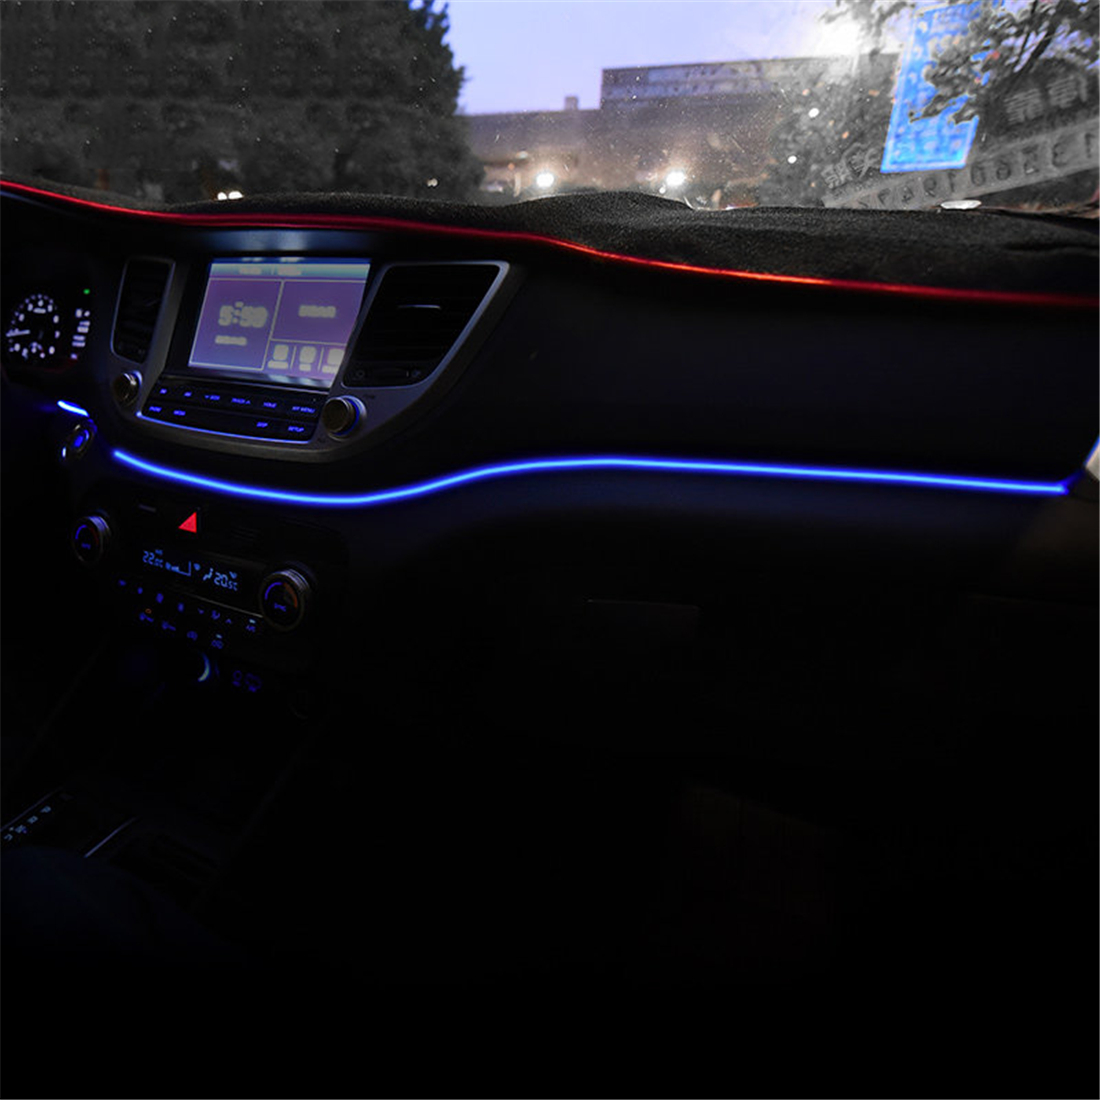 Painel de instrumentos guarnição atmosfera luz para hyundai tucson 2015 2016 interior led azul painel quadro luz para tucson 2017 2018